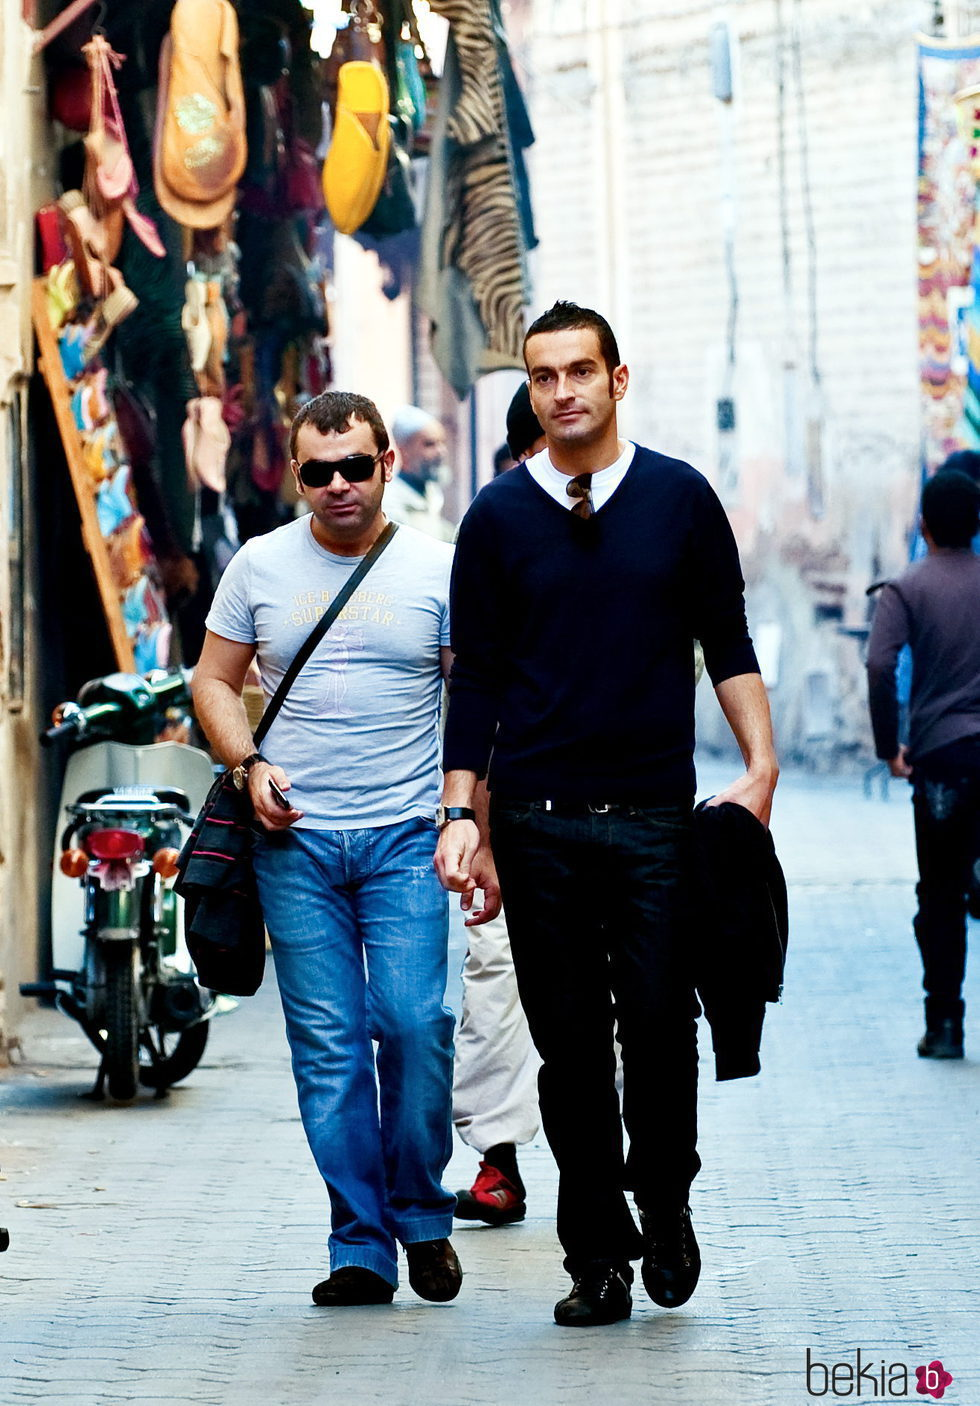 Jorge Javier Vázquez y su novio Paco en Marruecos